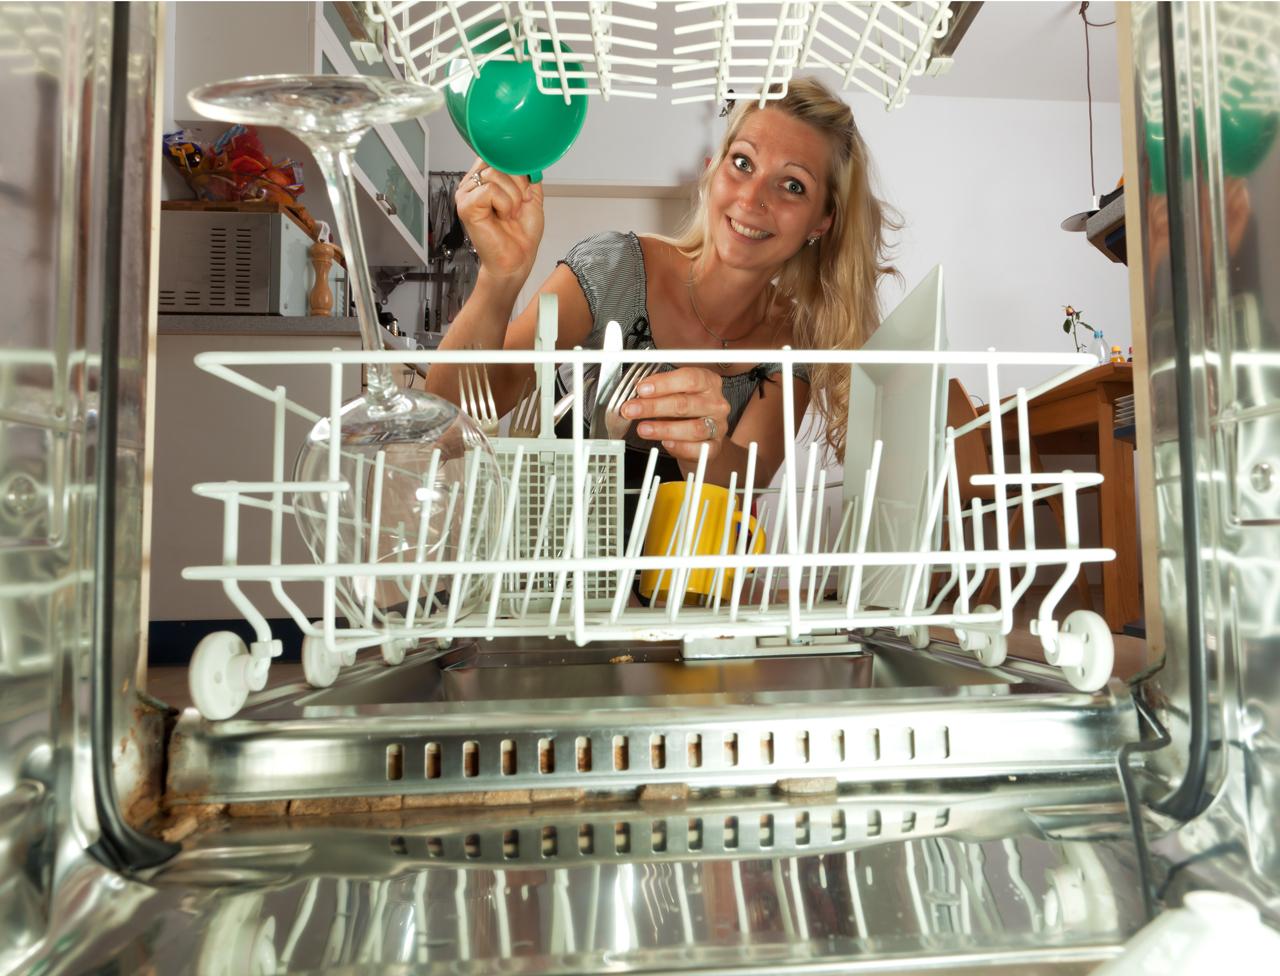 Comment laver son lave vaisselle - Comment choisir un lave vaisselle ...